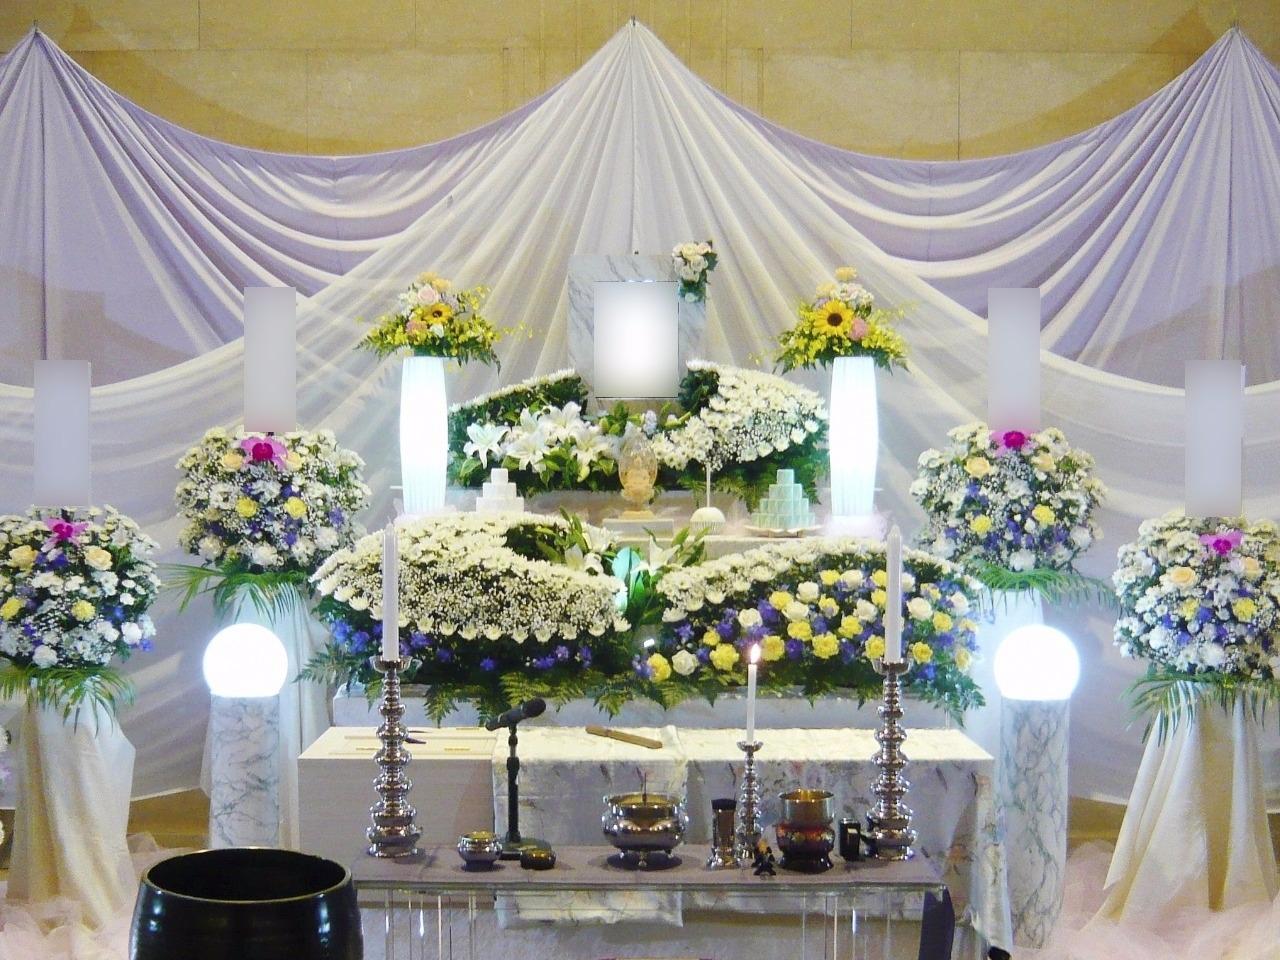 家族葬ECO《プラス》プラン祭壇画像